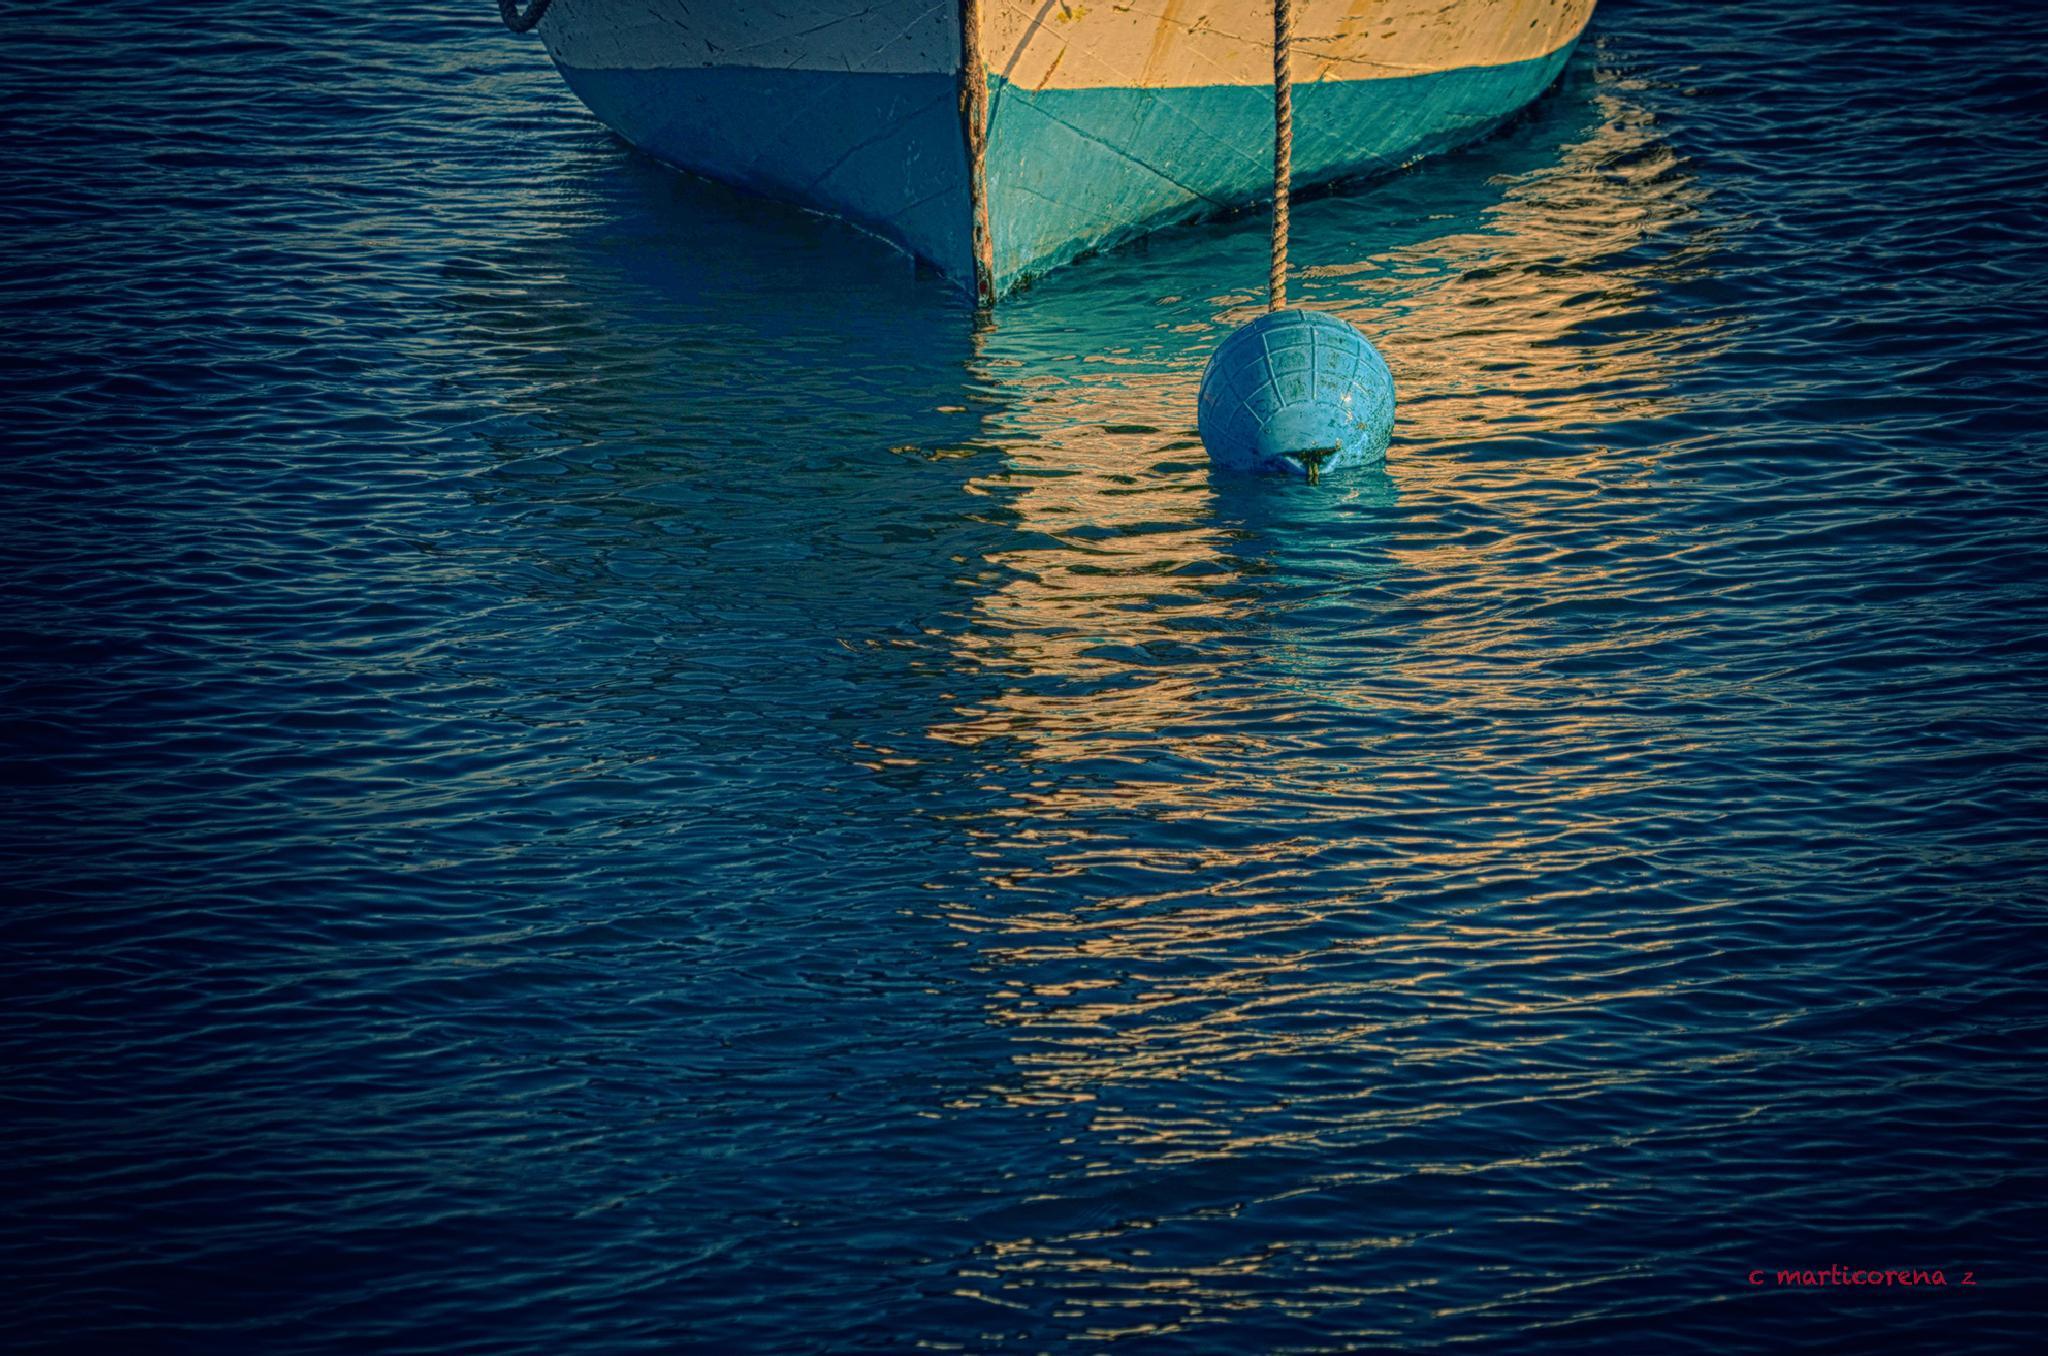 Untitled by cecilia marticorena